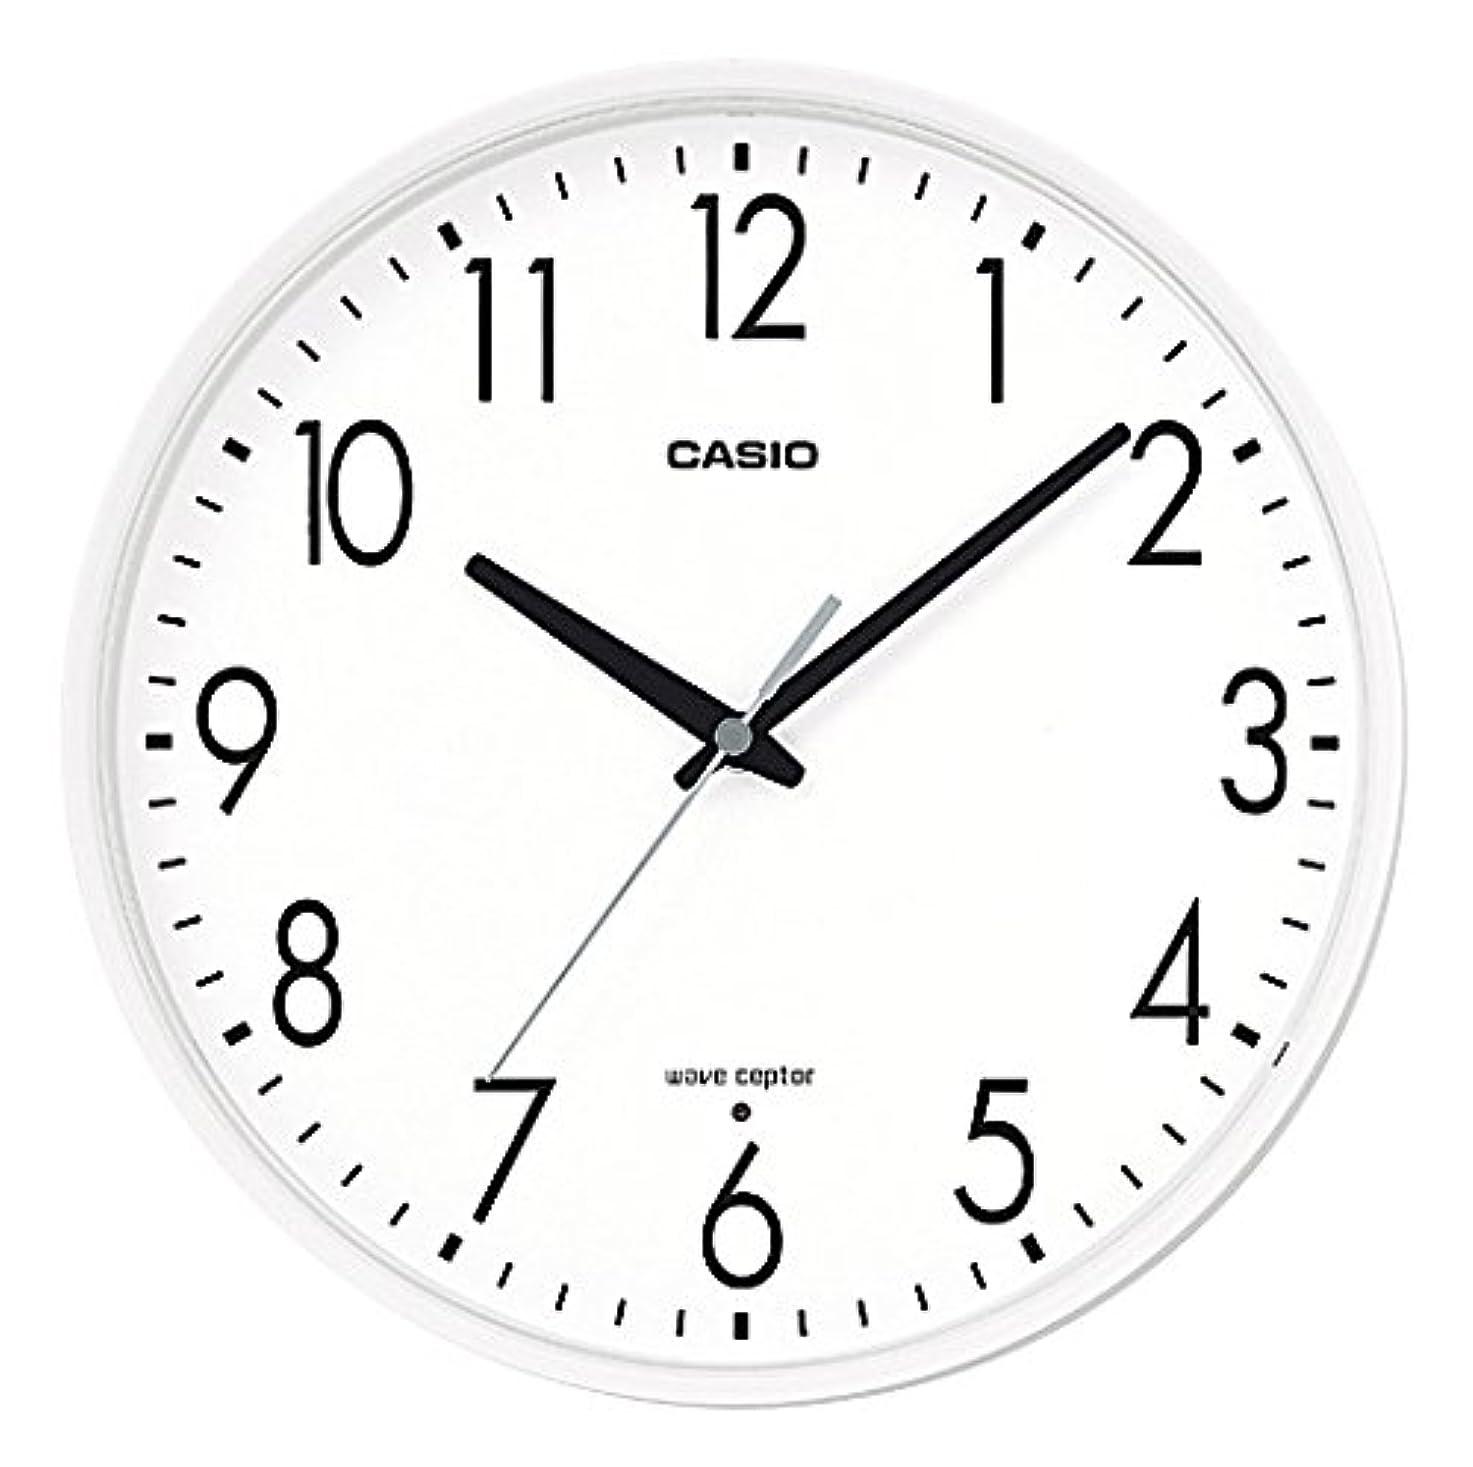 そばに文言のれんCASIO(カシオ) 掛け時計 電波 アナログ ウェーブセプター ホワイト IQ-1070J-7JF